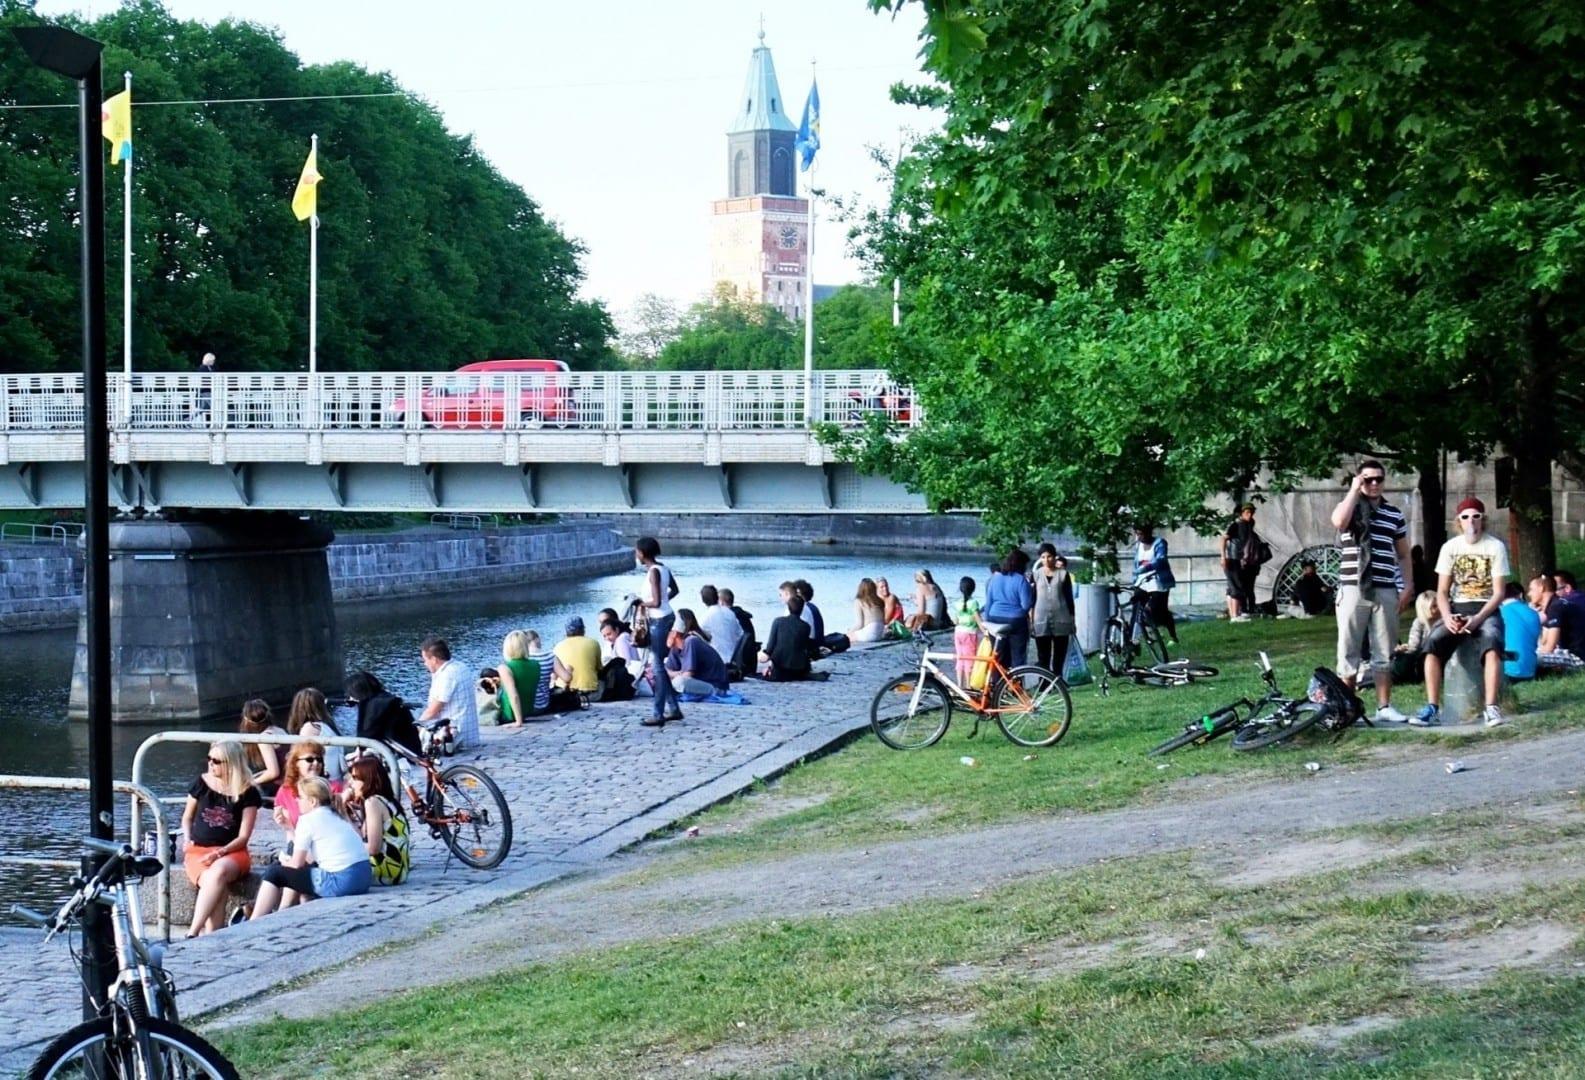 Las orillas del río Aura son muy populares entre los residentes de Turku, para caminar, andar en bicicleta o disfrutar del buen tiempo. Turku Finlandia